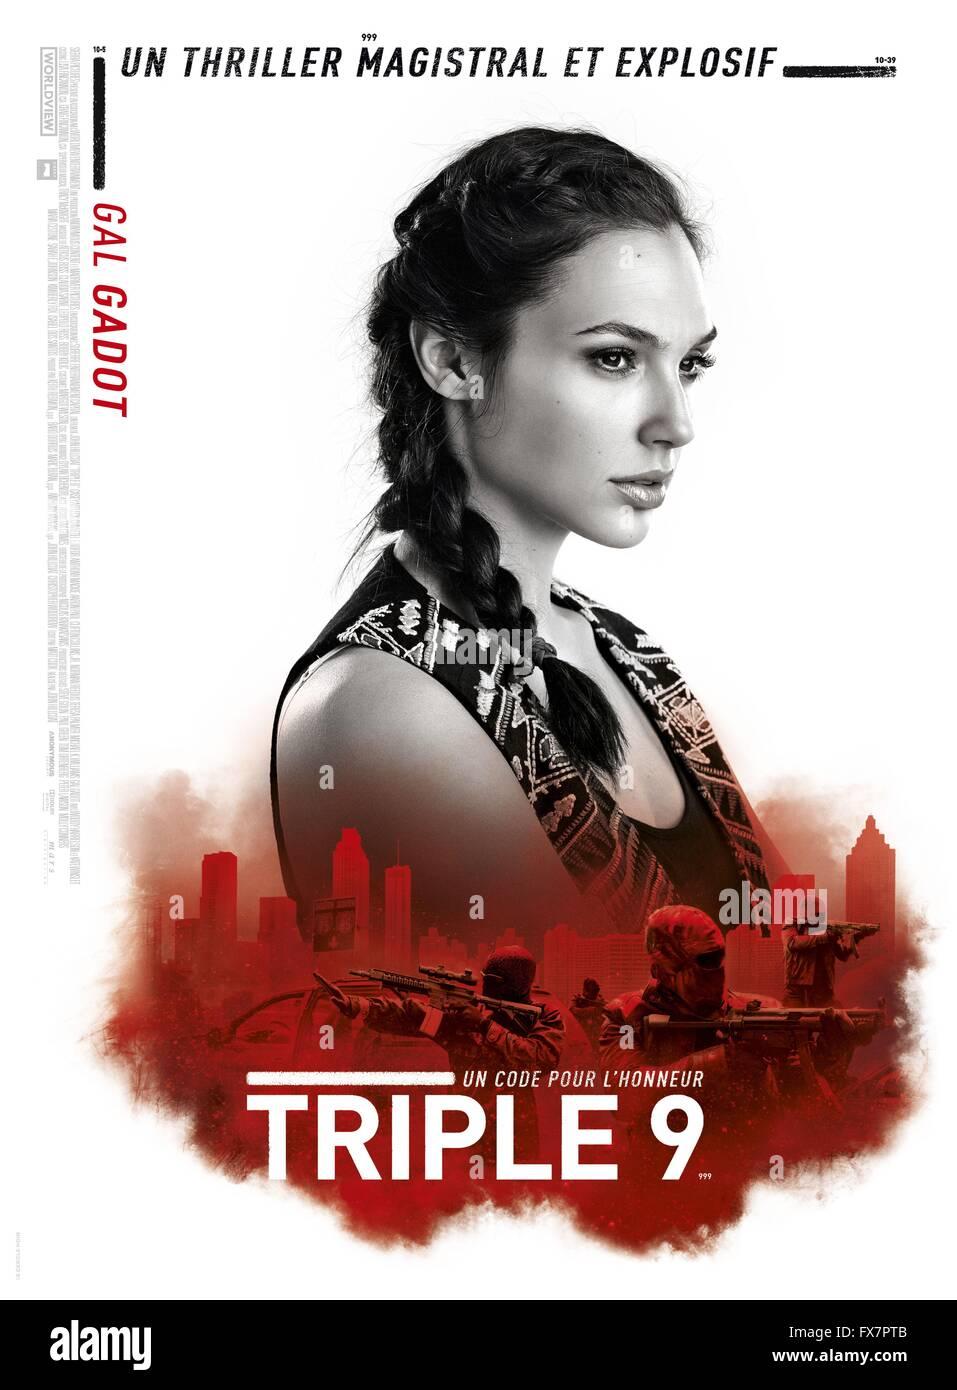 Triple gal 9 gadot Triple 9